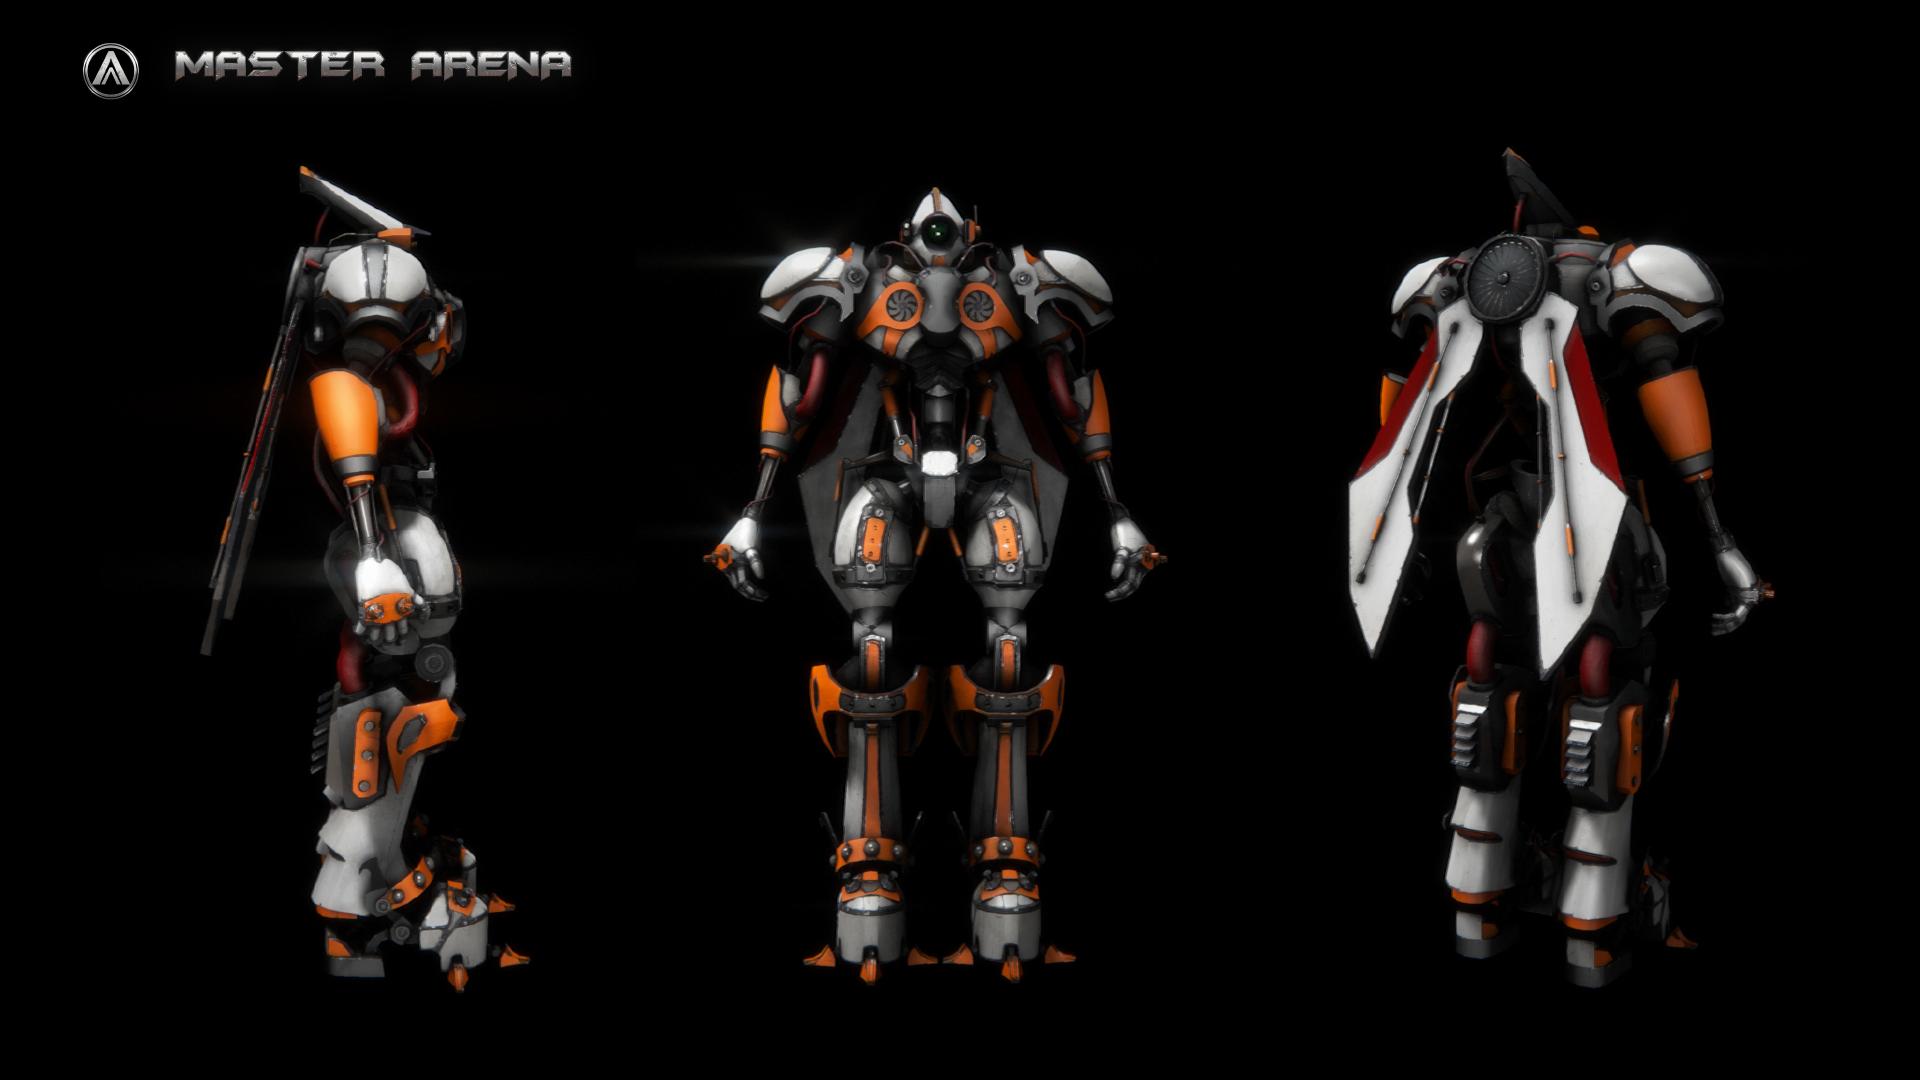 AlphaBot : Master Arena's Robot